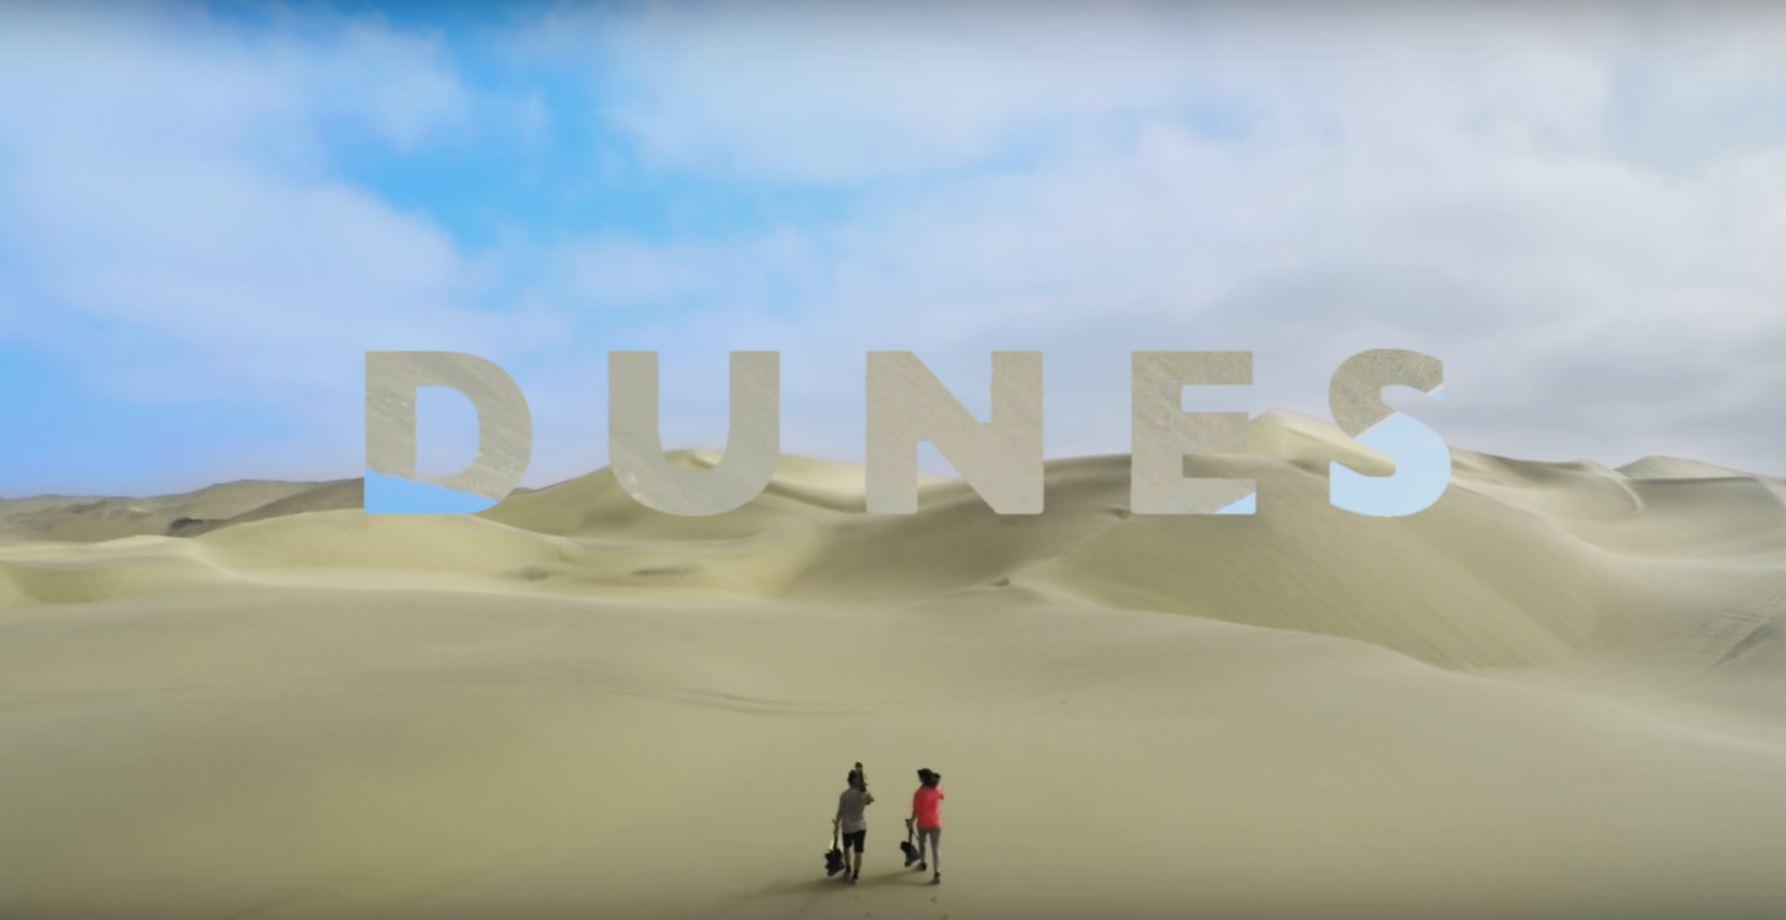 Dunes ou du freeski sur sable !